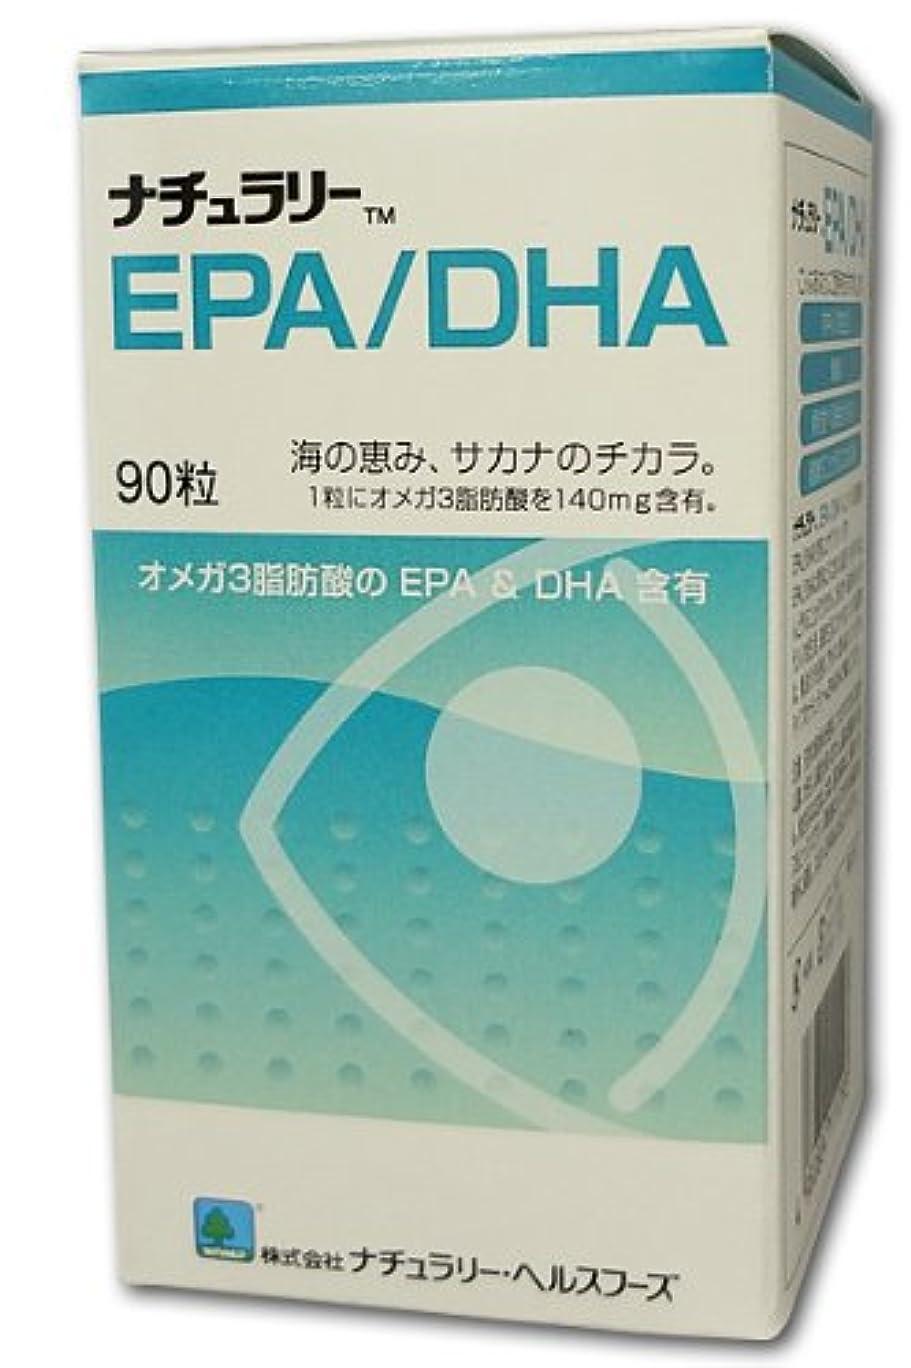 クランシー好き無能ナチュラリー EPA/DHA 90粒